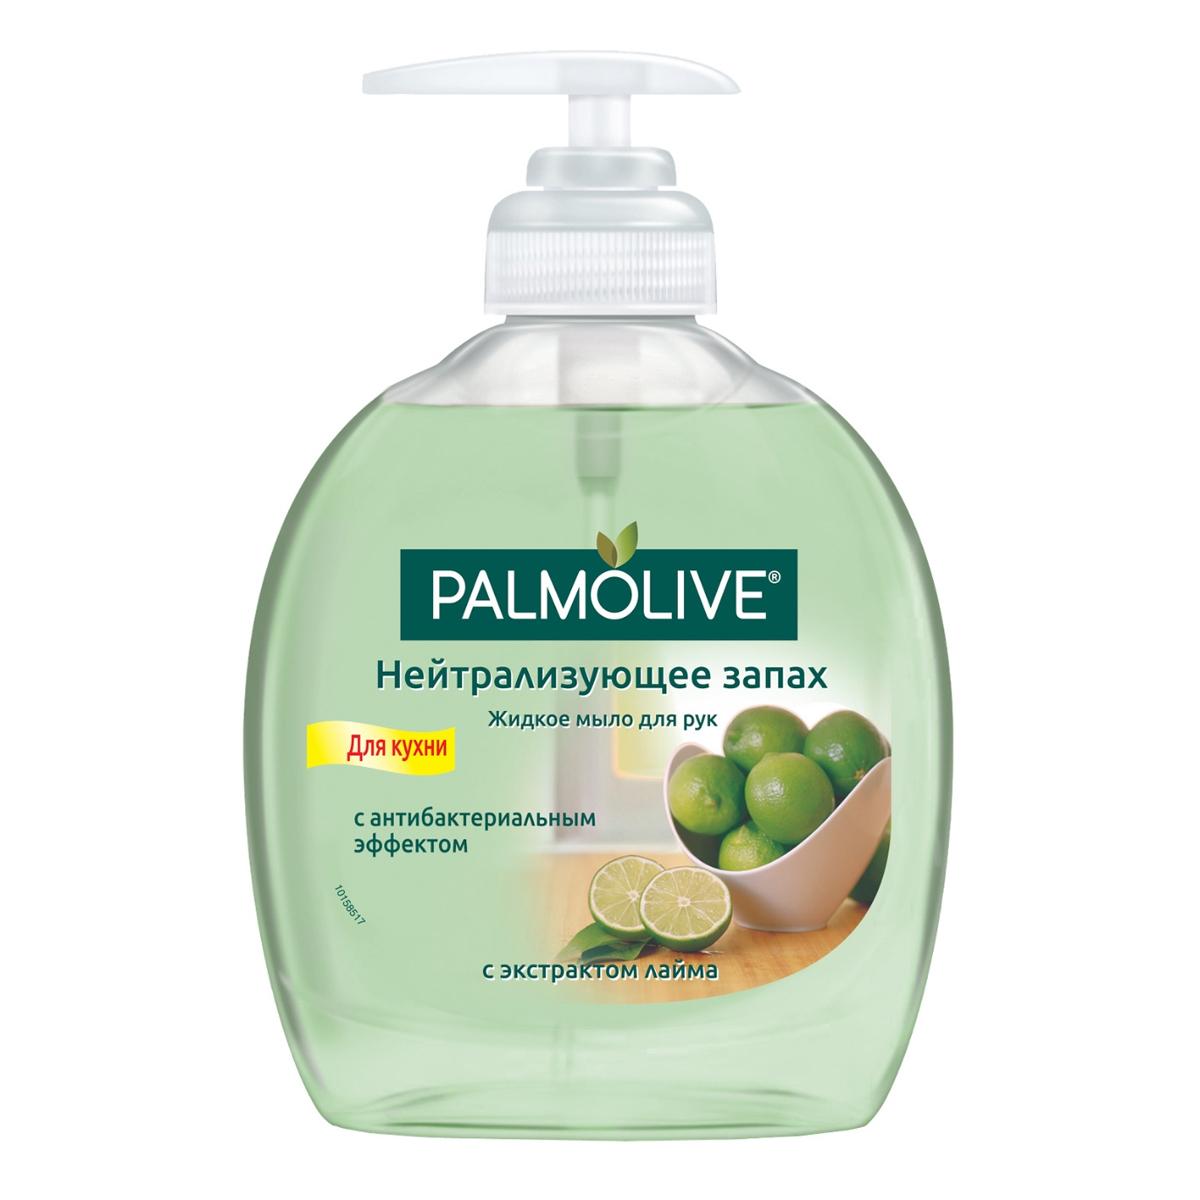 Мыло жидкое 300мл. Нейтрализующее запах,  антибактериальный компонент с дозатором Palmolive - фото 1